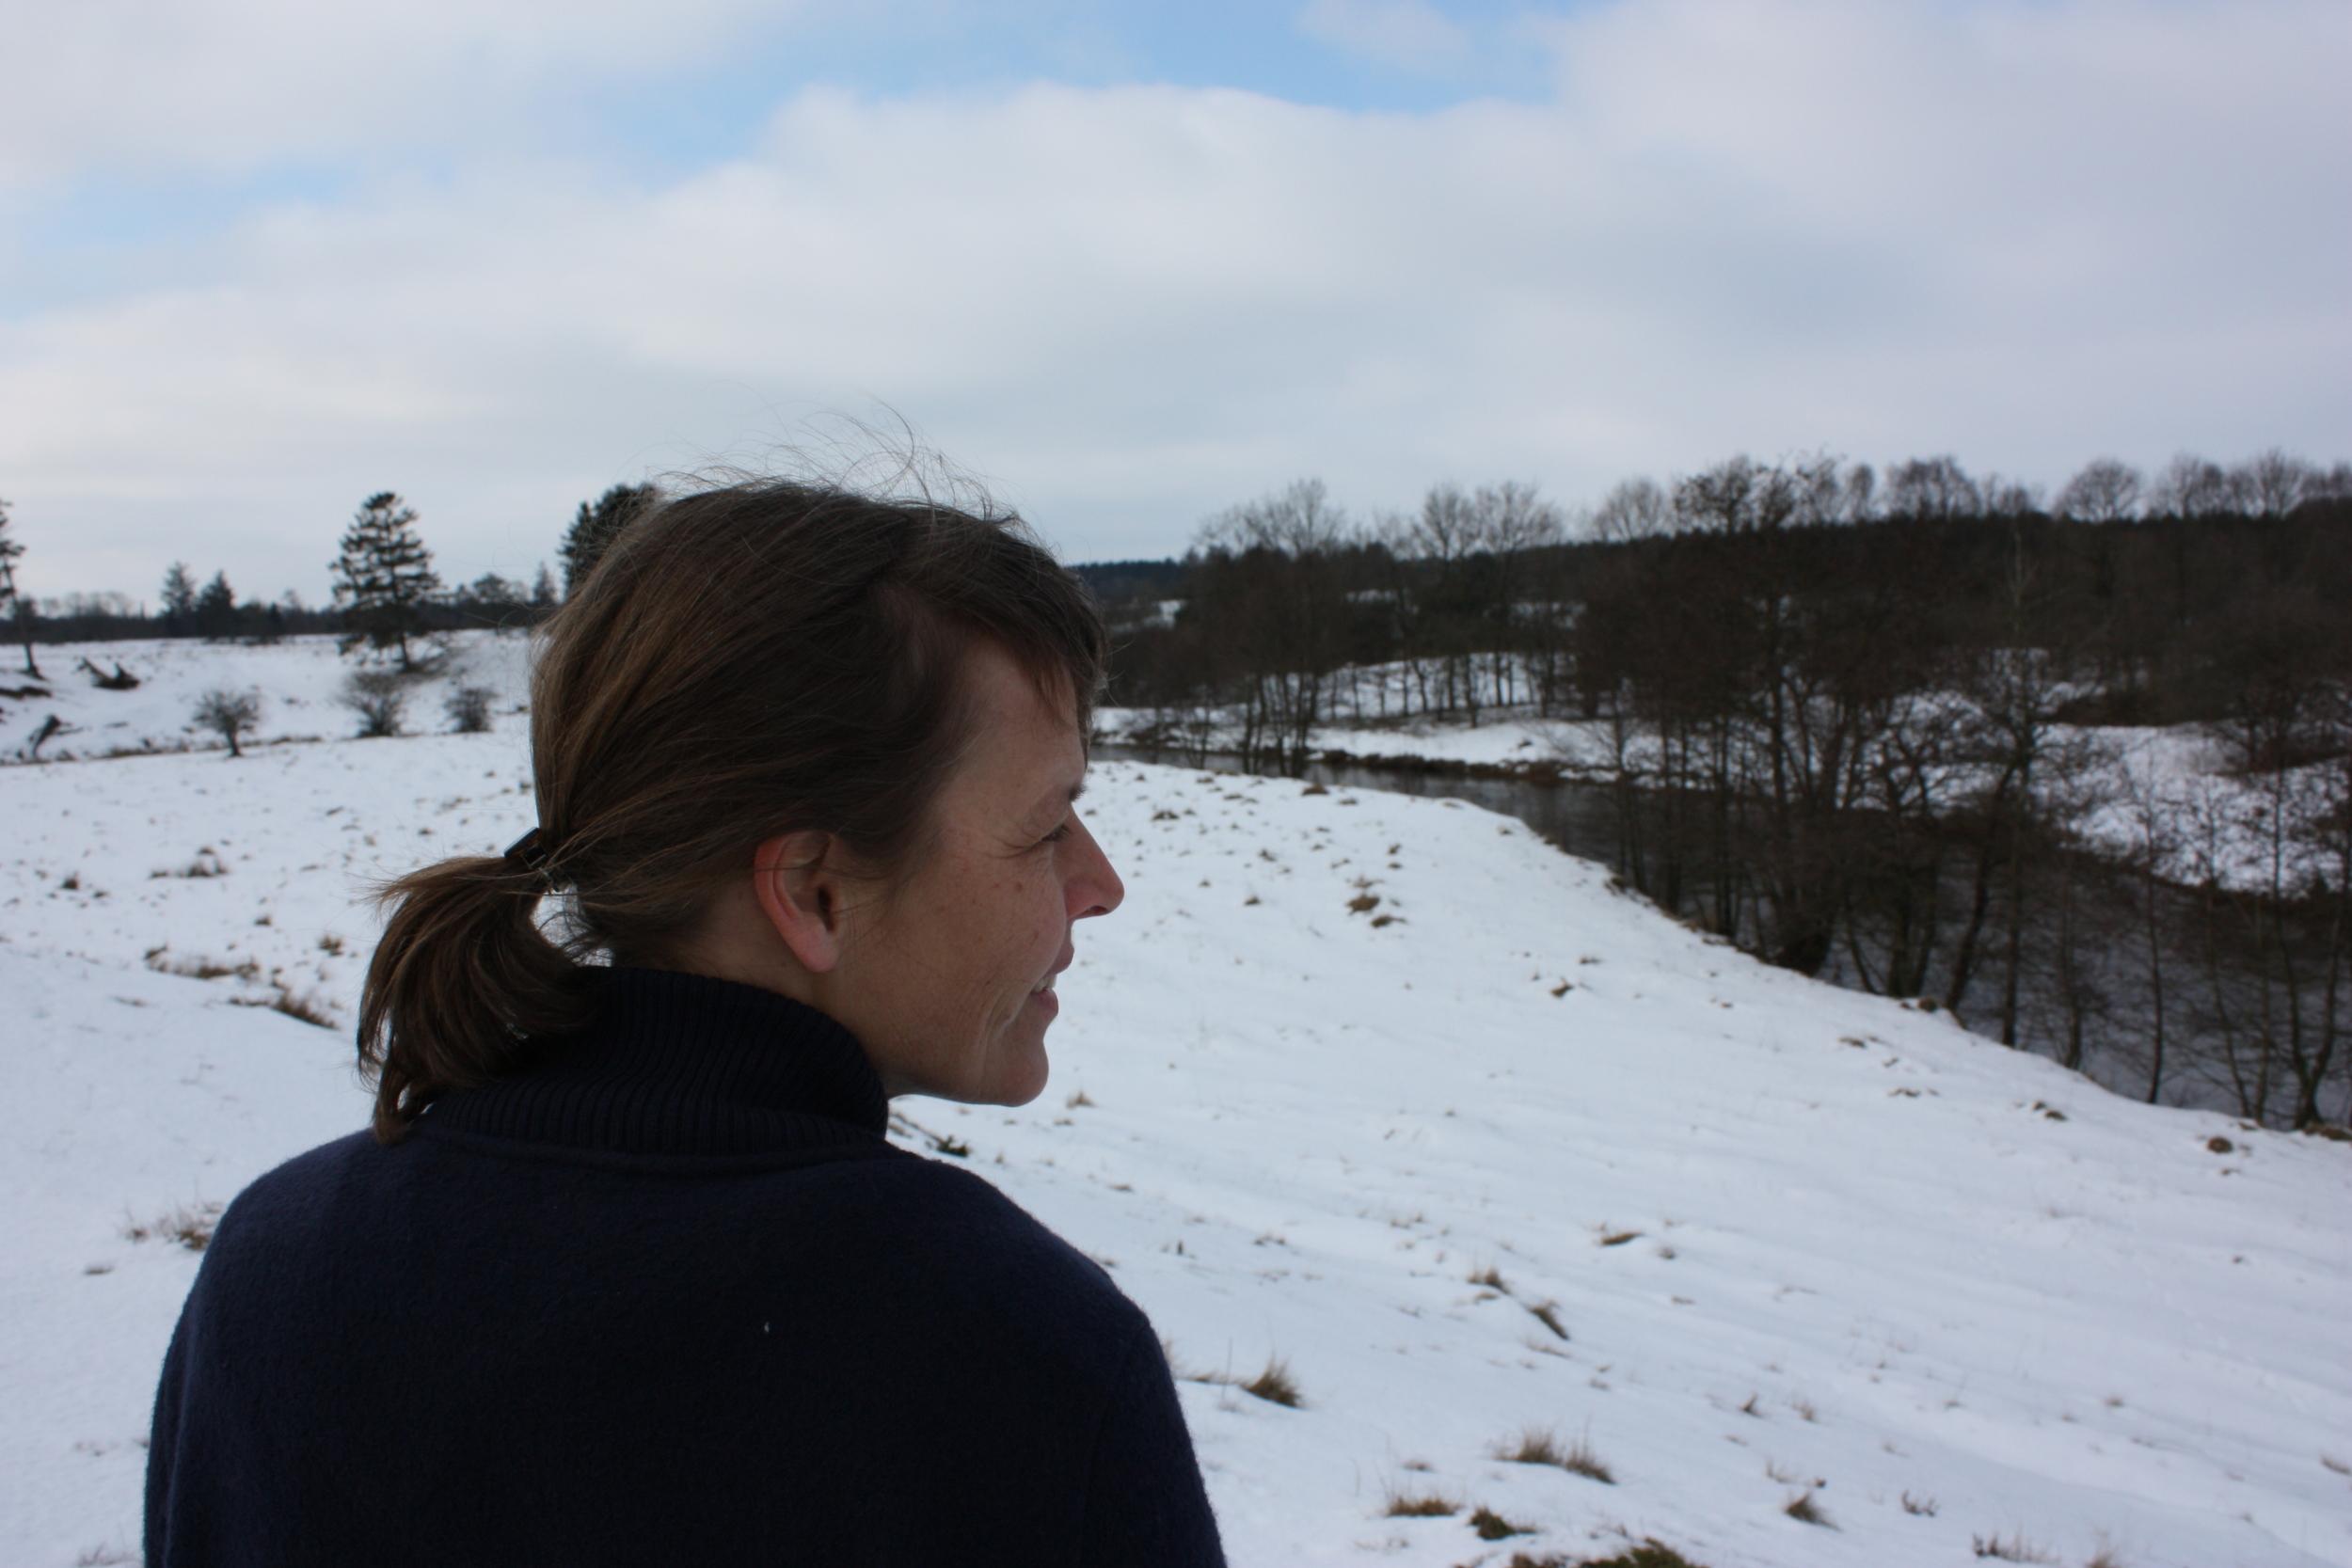 Marianne Jørgensen valgte et sted ved Sdr Felding, hvor hun kunne bruge sine helt særlige evner til at inddrage de lokale i sit projekt.